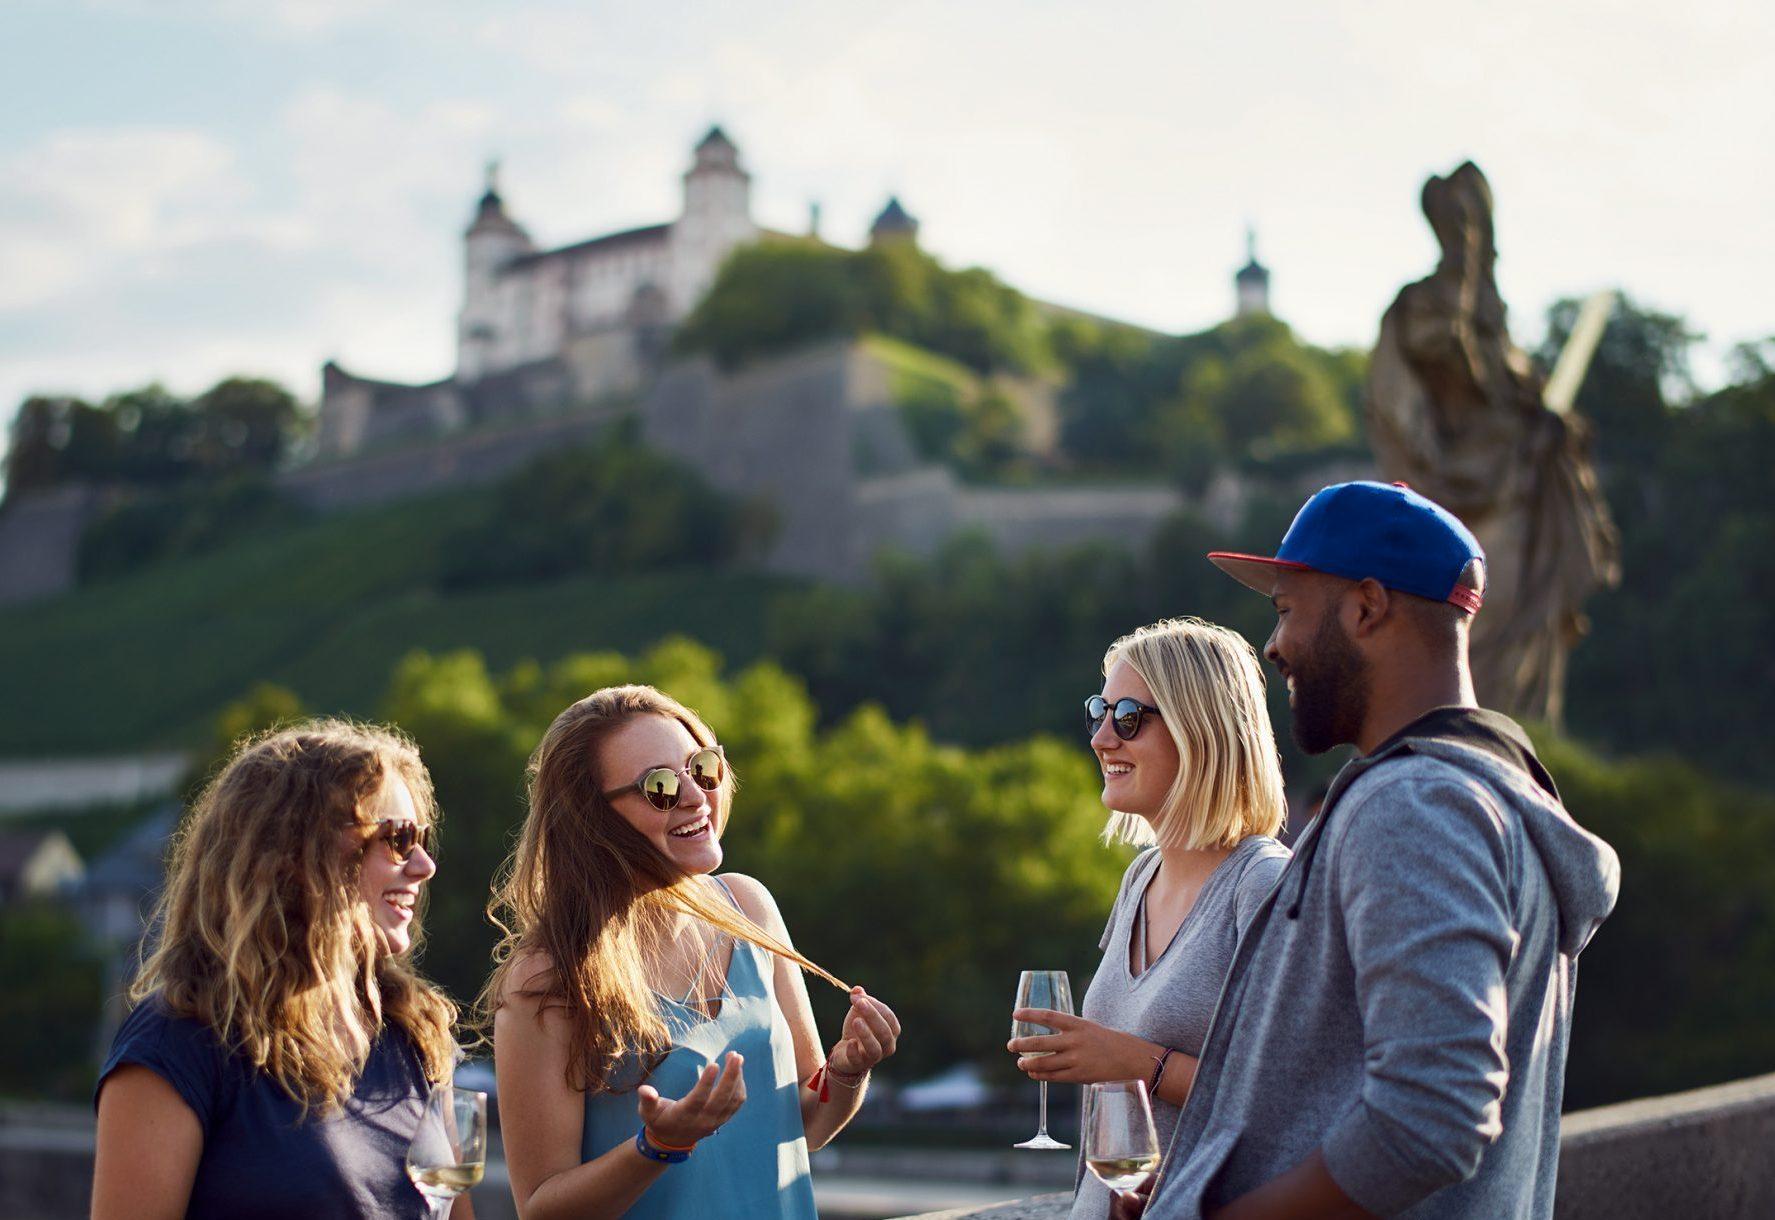 Junge Menschen unterhalten sich auf der Mainbrücke in Würzburg